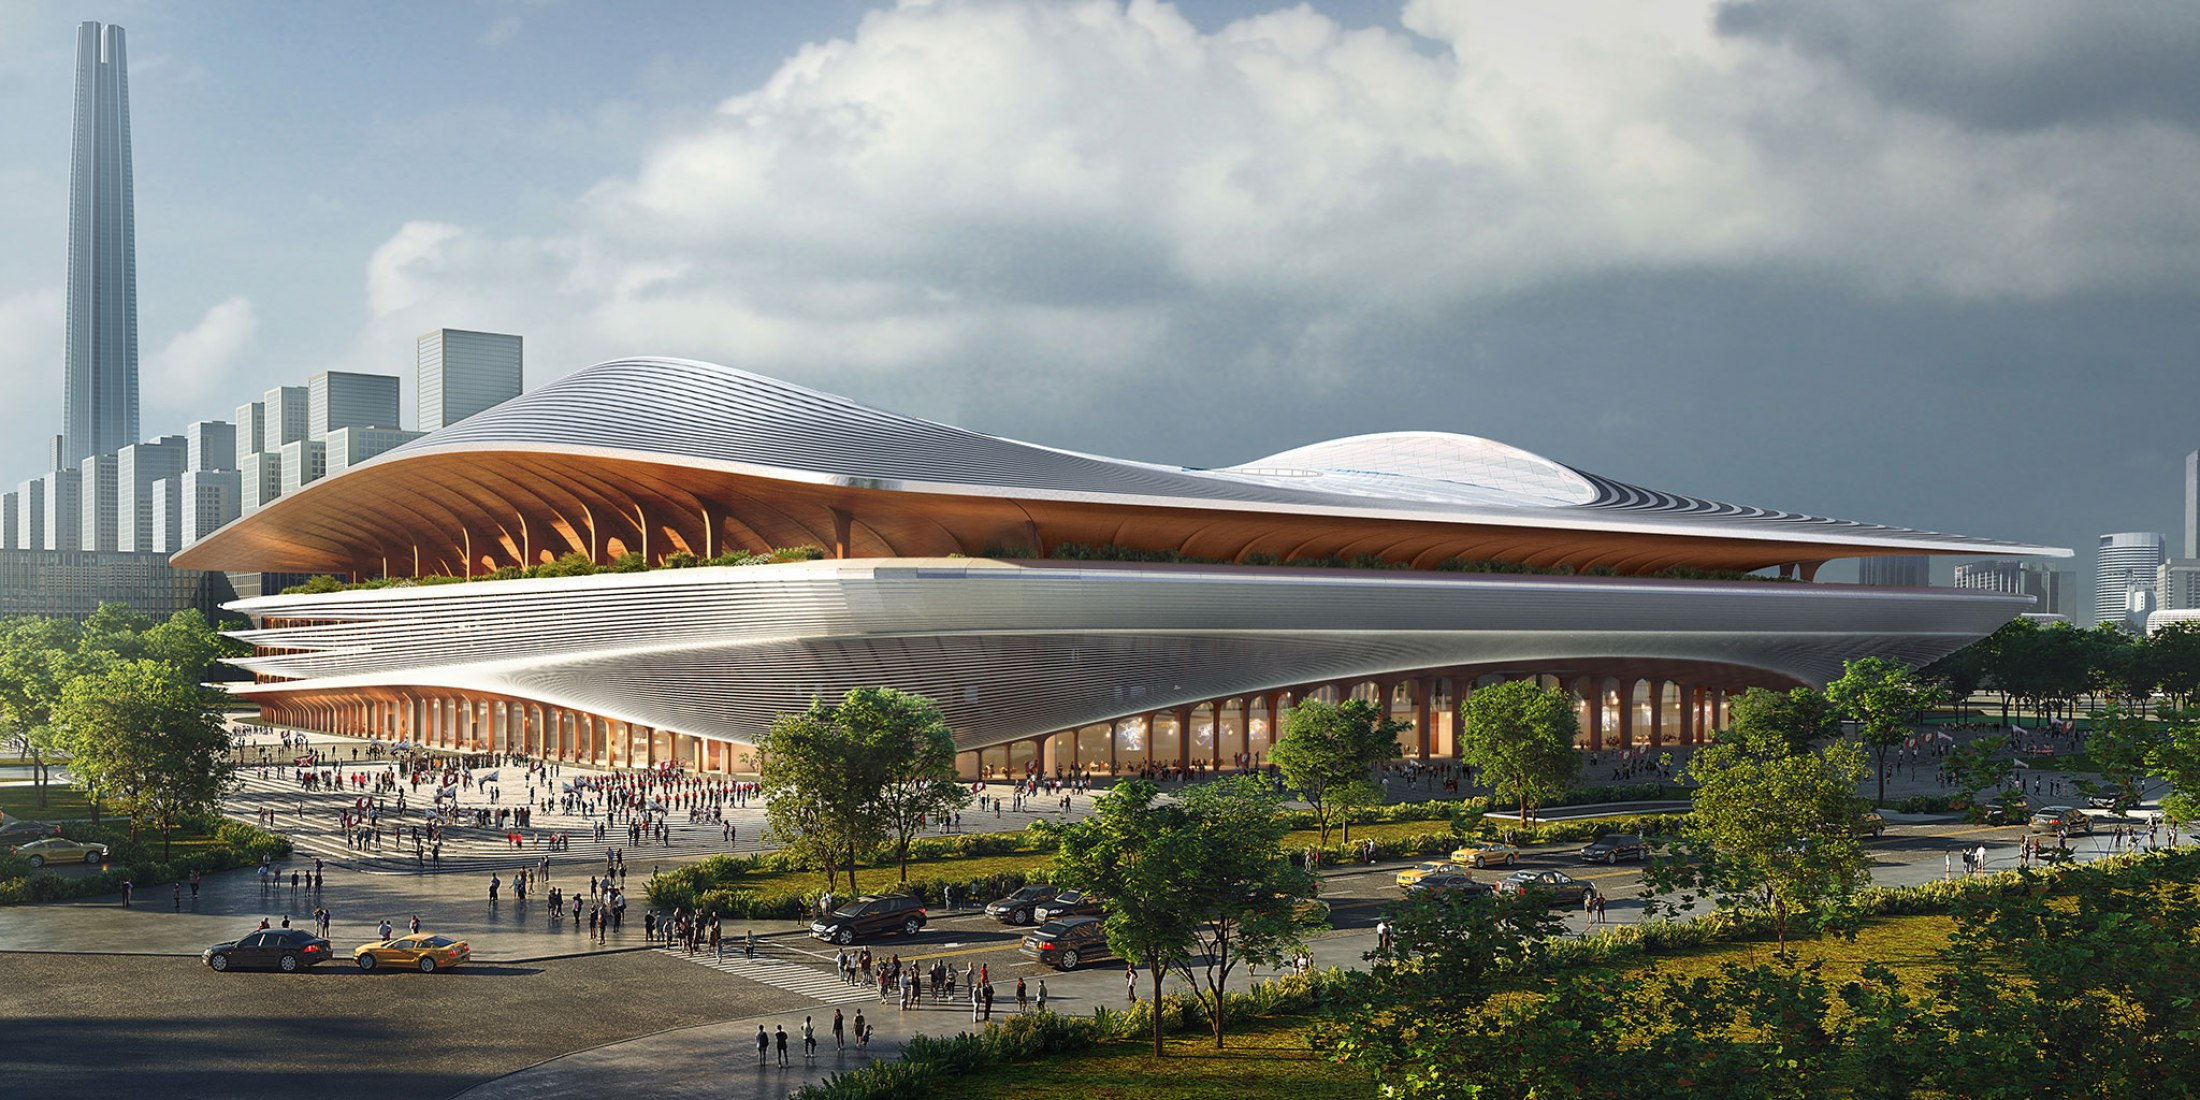 Visualización. Centro internacional de fútbol de Xi'an por Zaha Hadid Architects